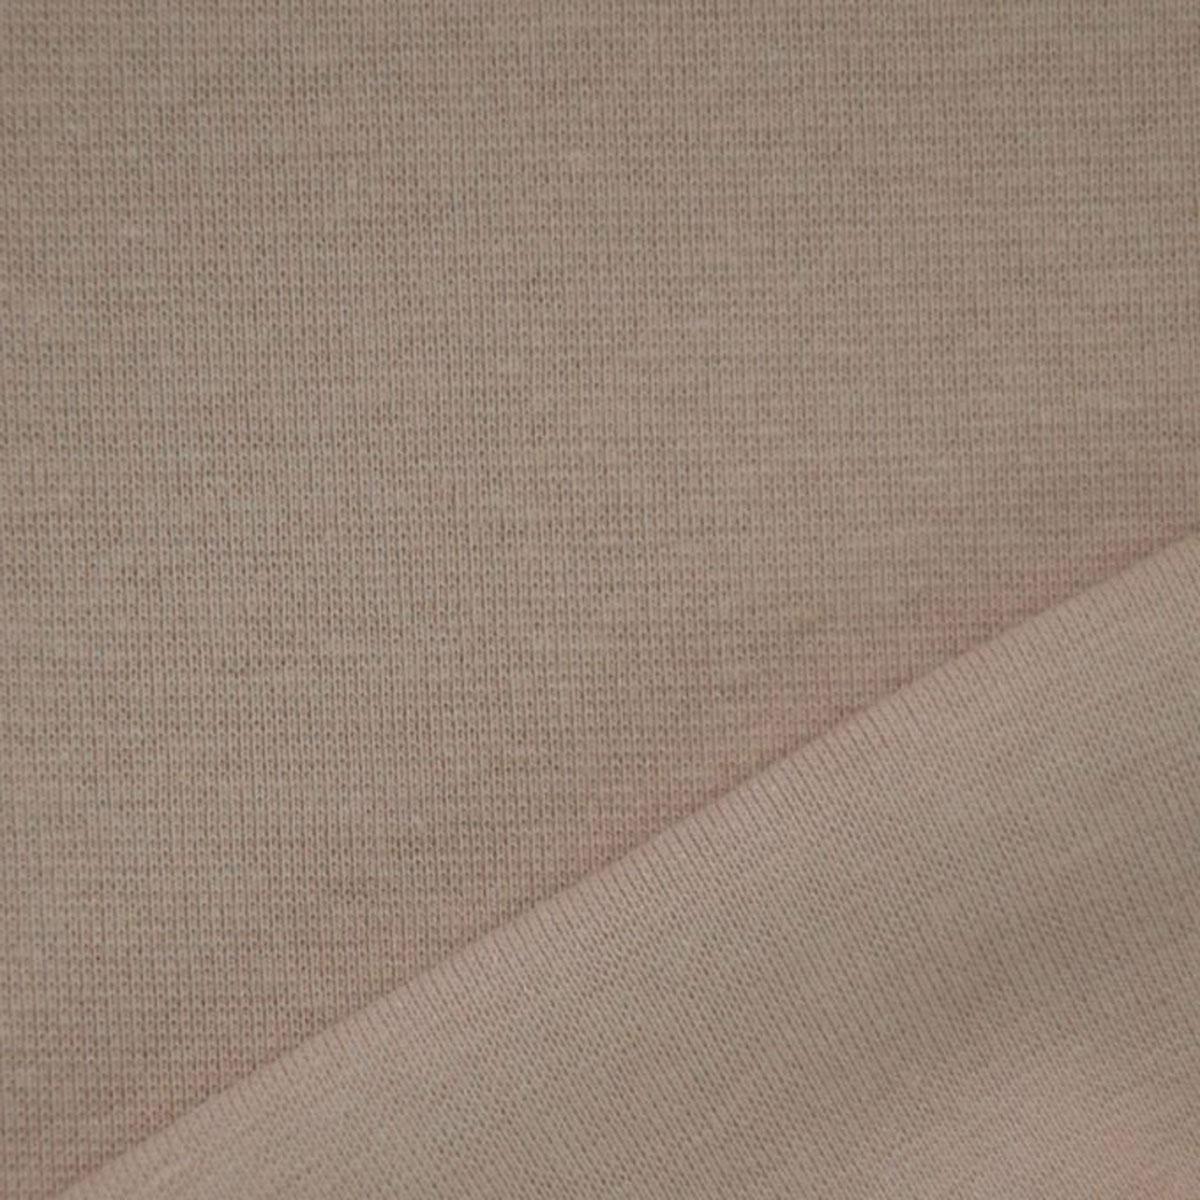 50cm Bündchen / Schlauchware glatt beige 4005